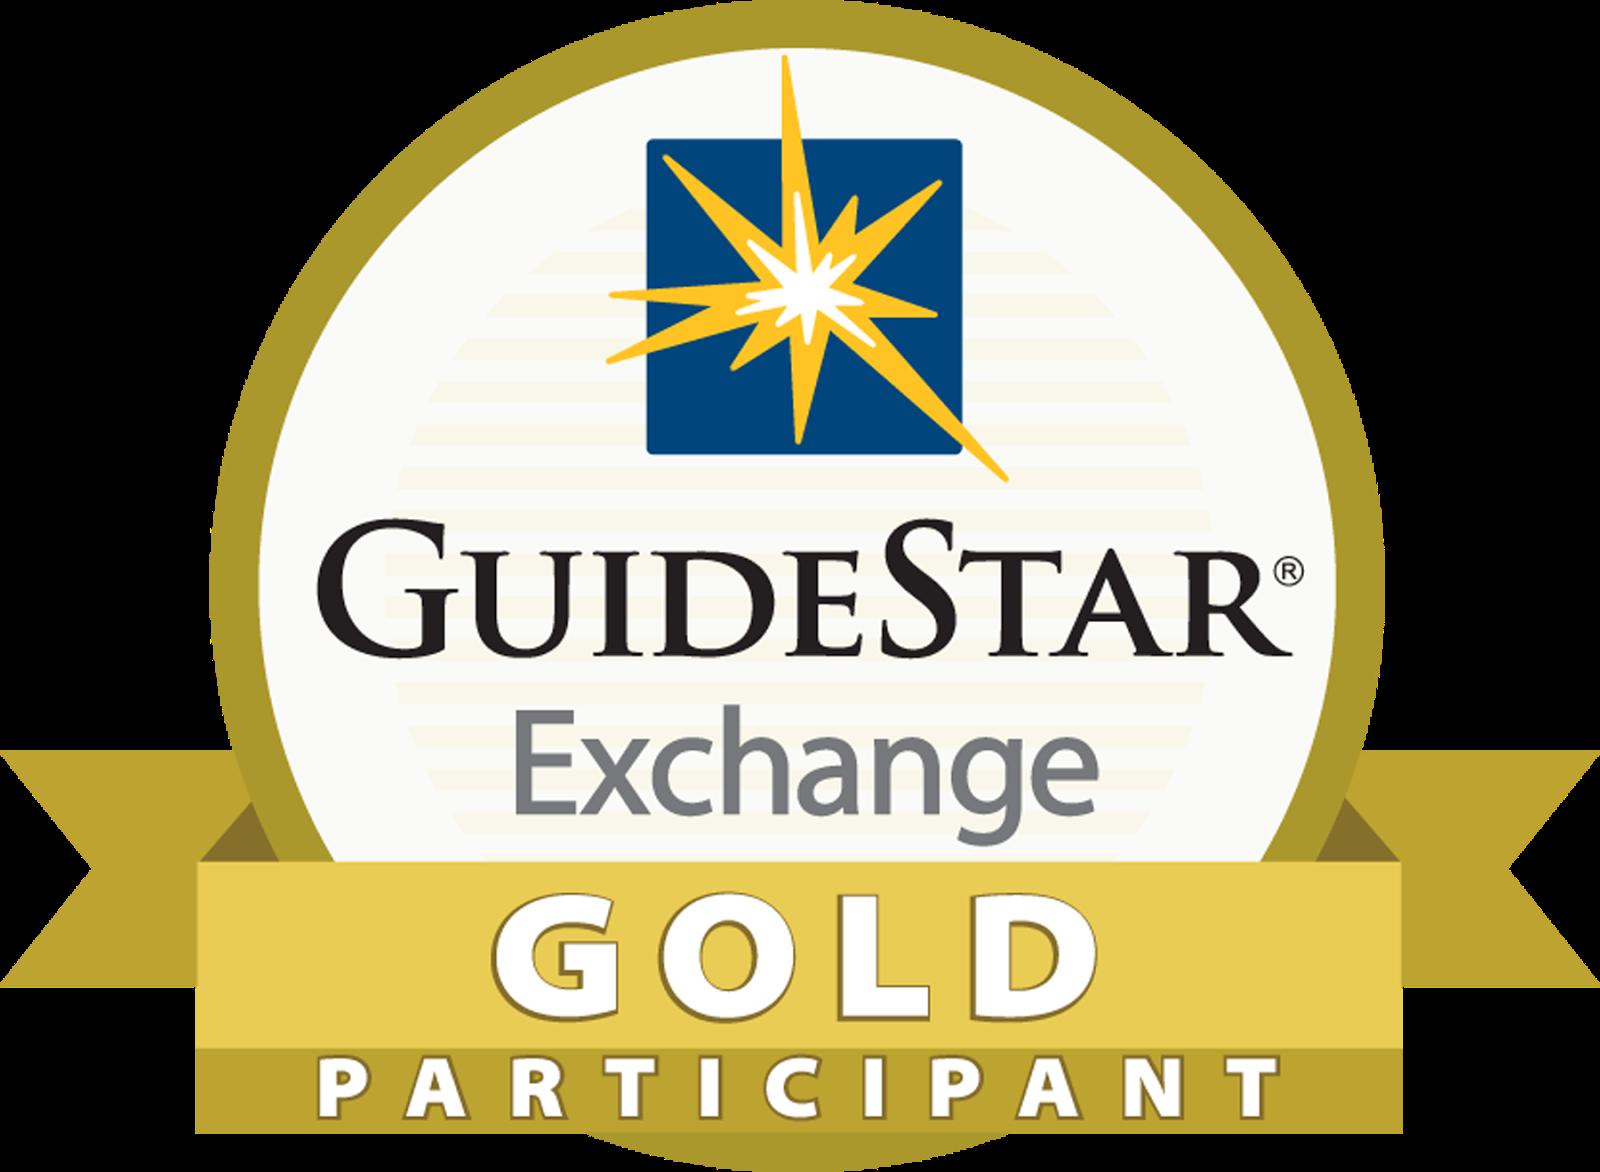 http://www.guidestar.org/organizations/22-3895009/nc-greenpower-corporation.aspx